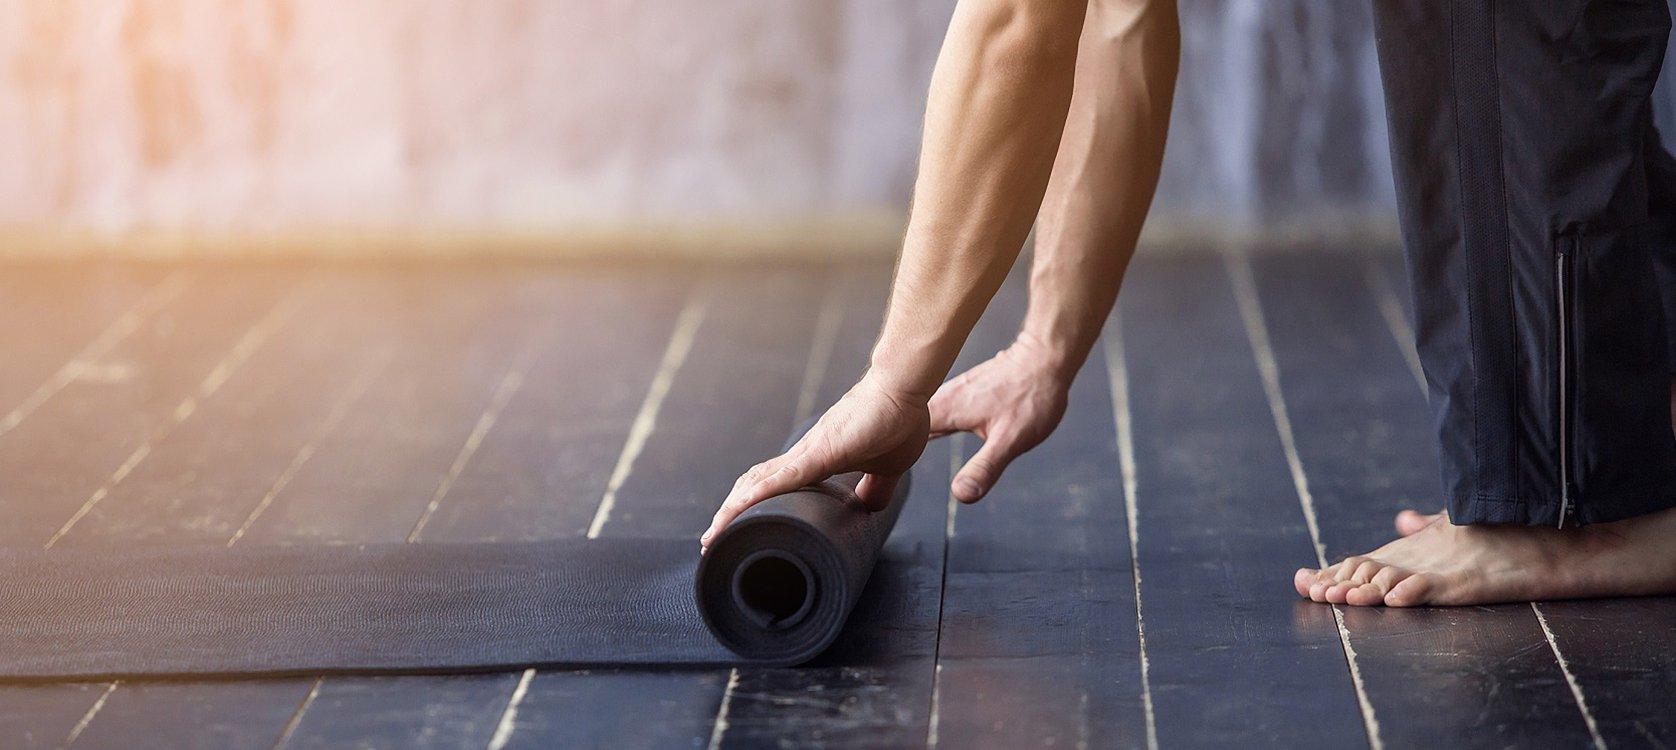 pilates mat.jpg